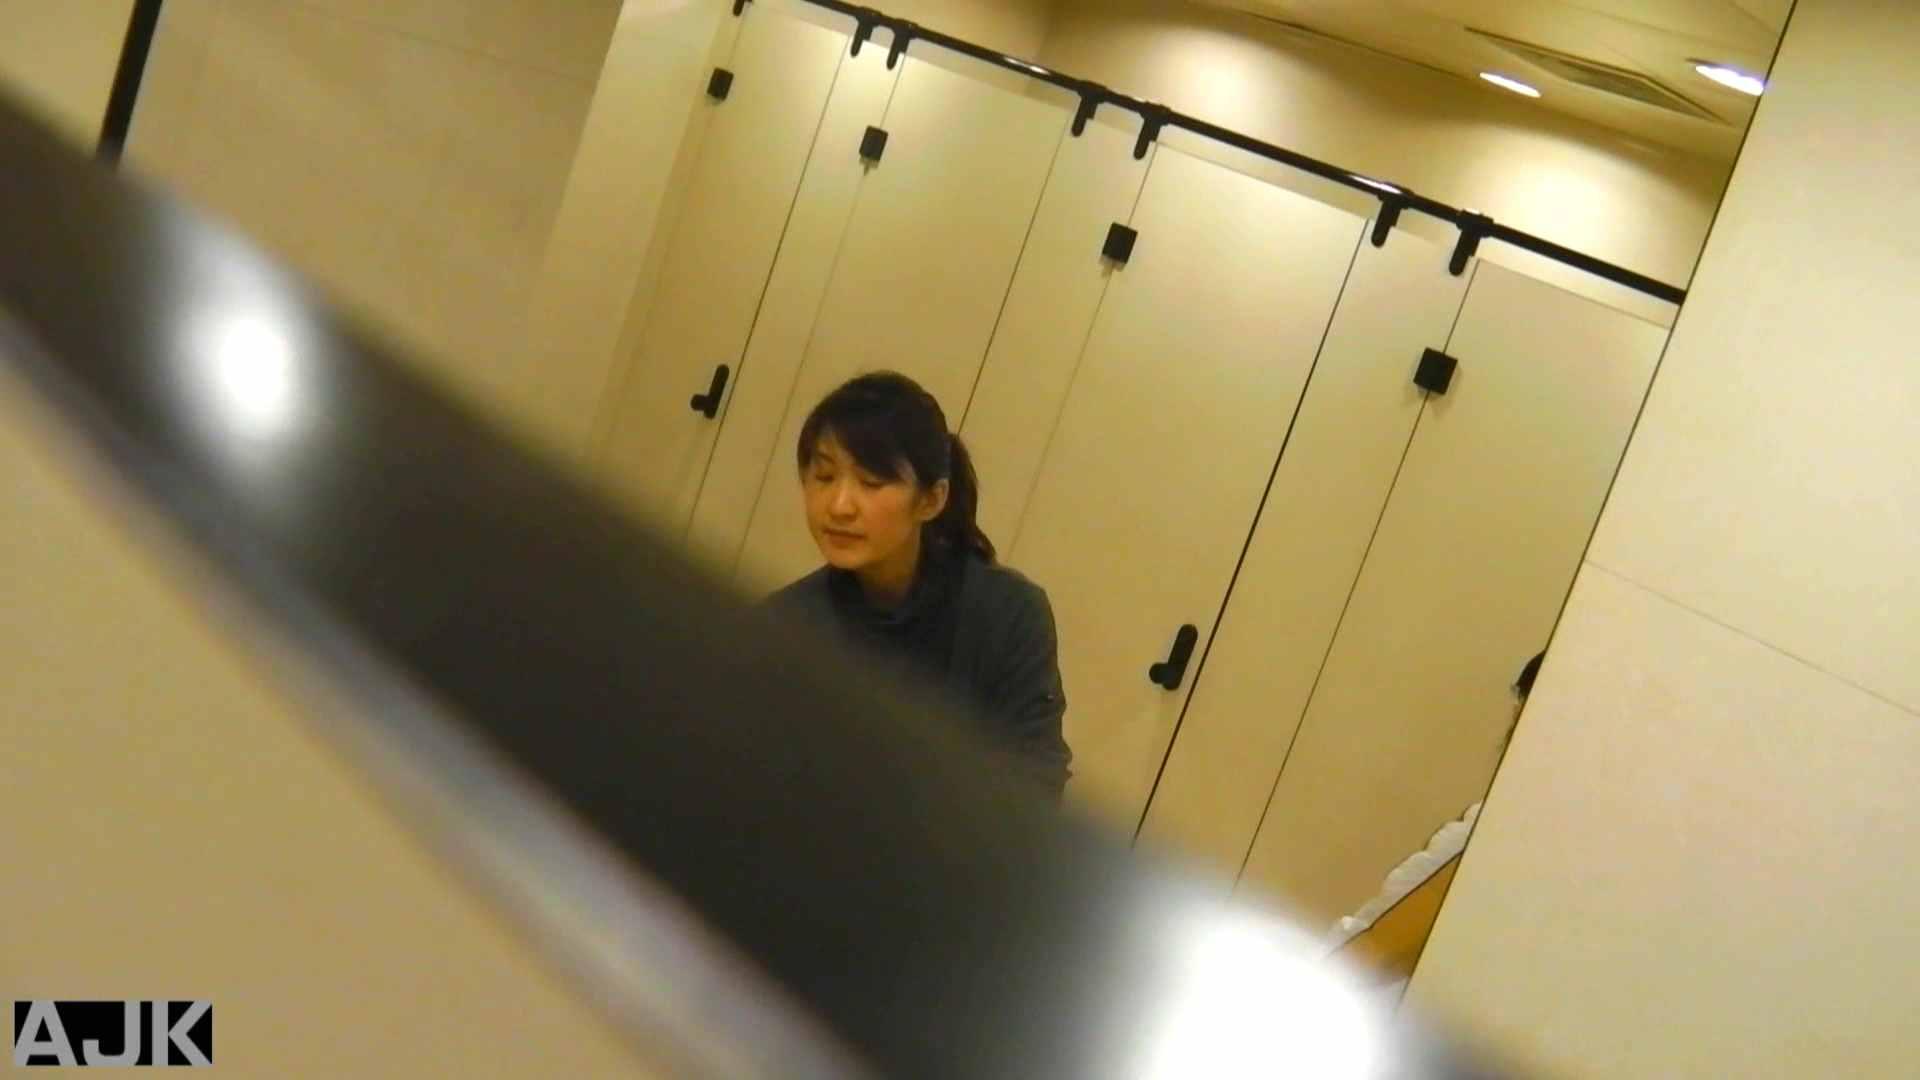 隣国上階級エリアの令嬢たちが集うデパートお手洗い Vol.26 洗面所 | 女子トイレ  37画像 10